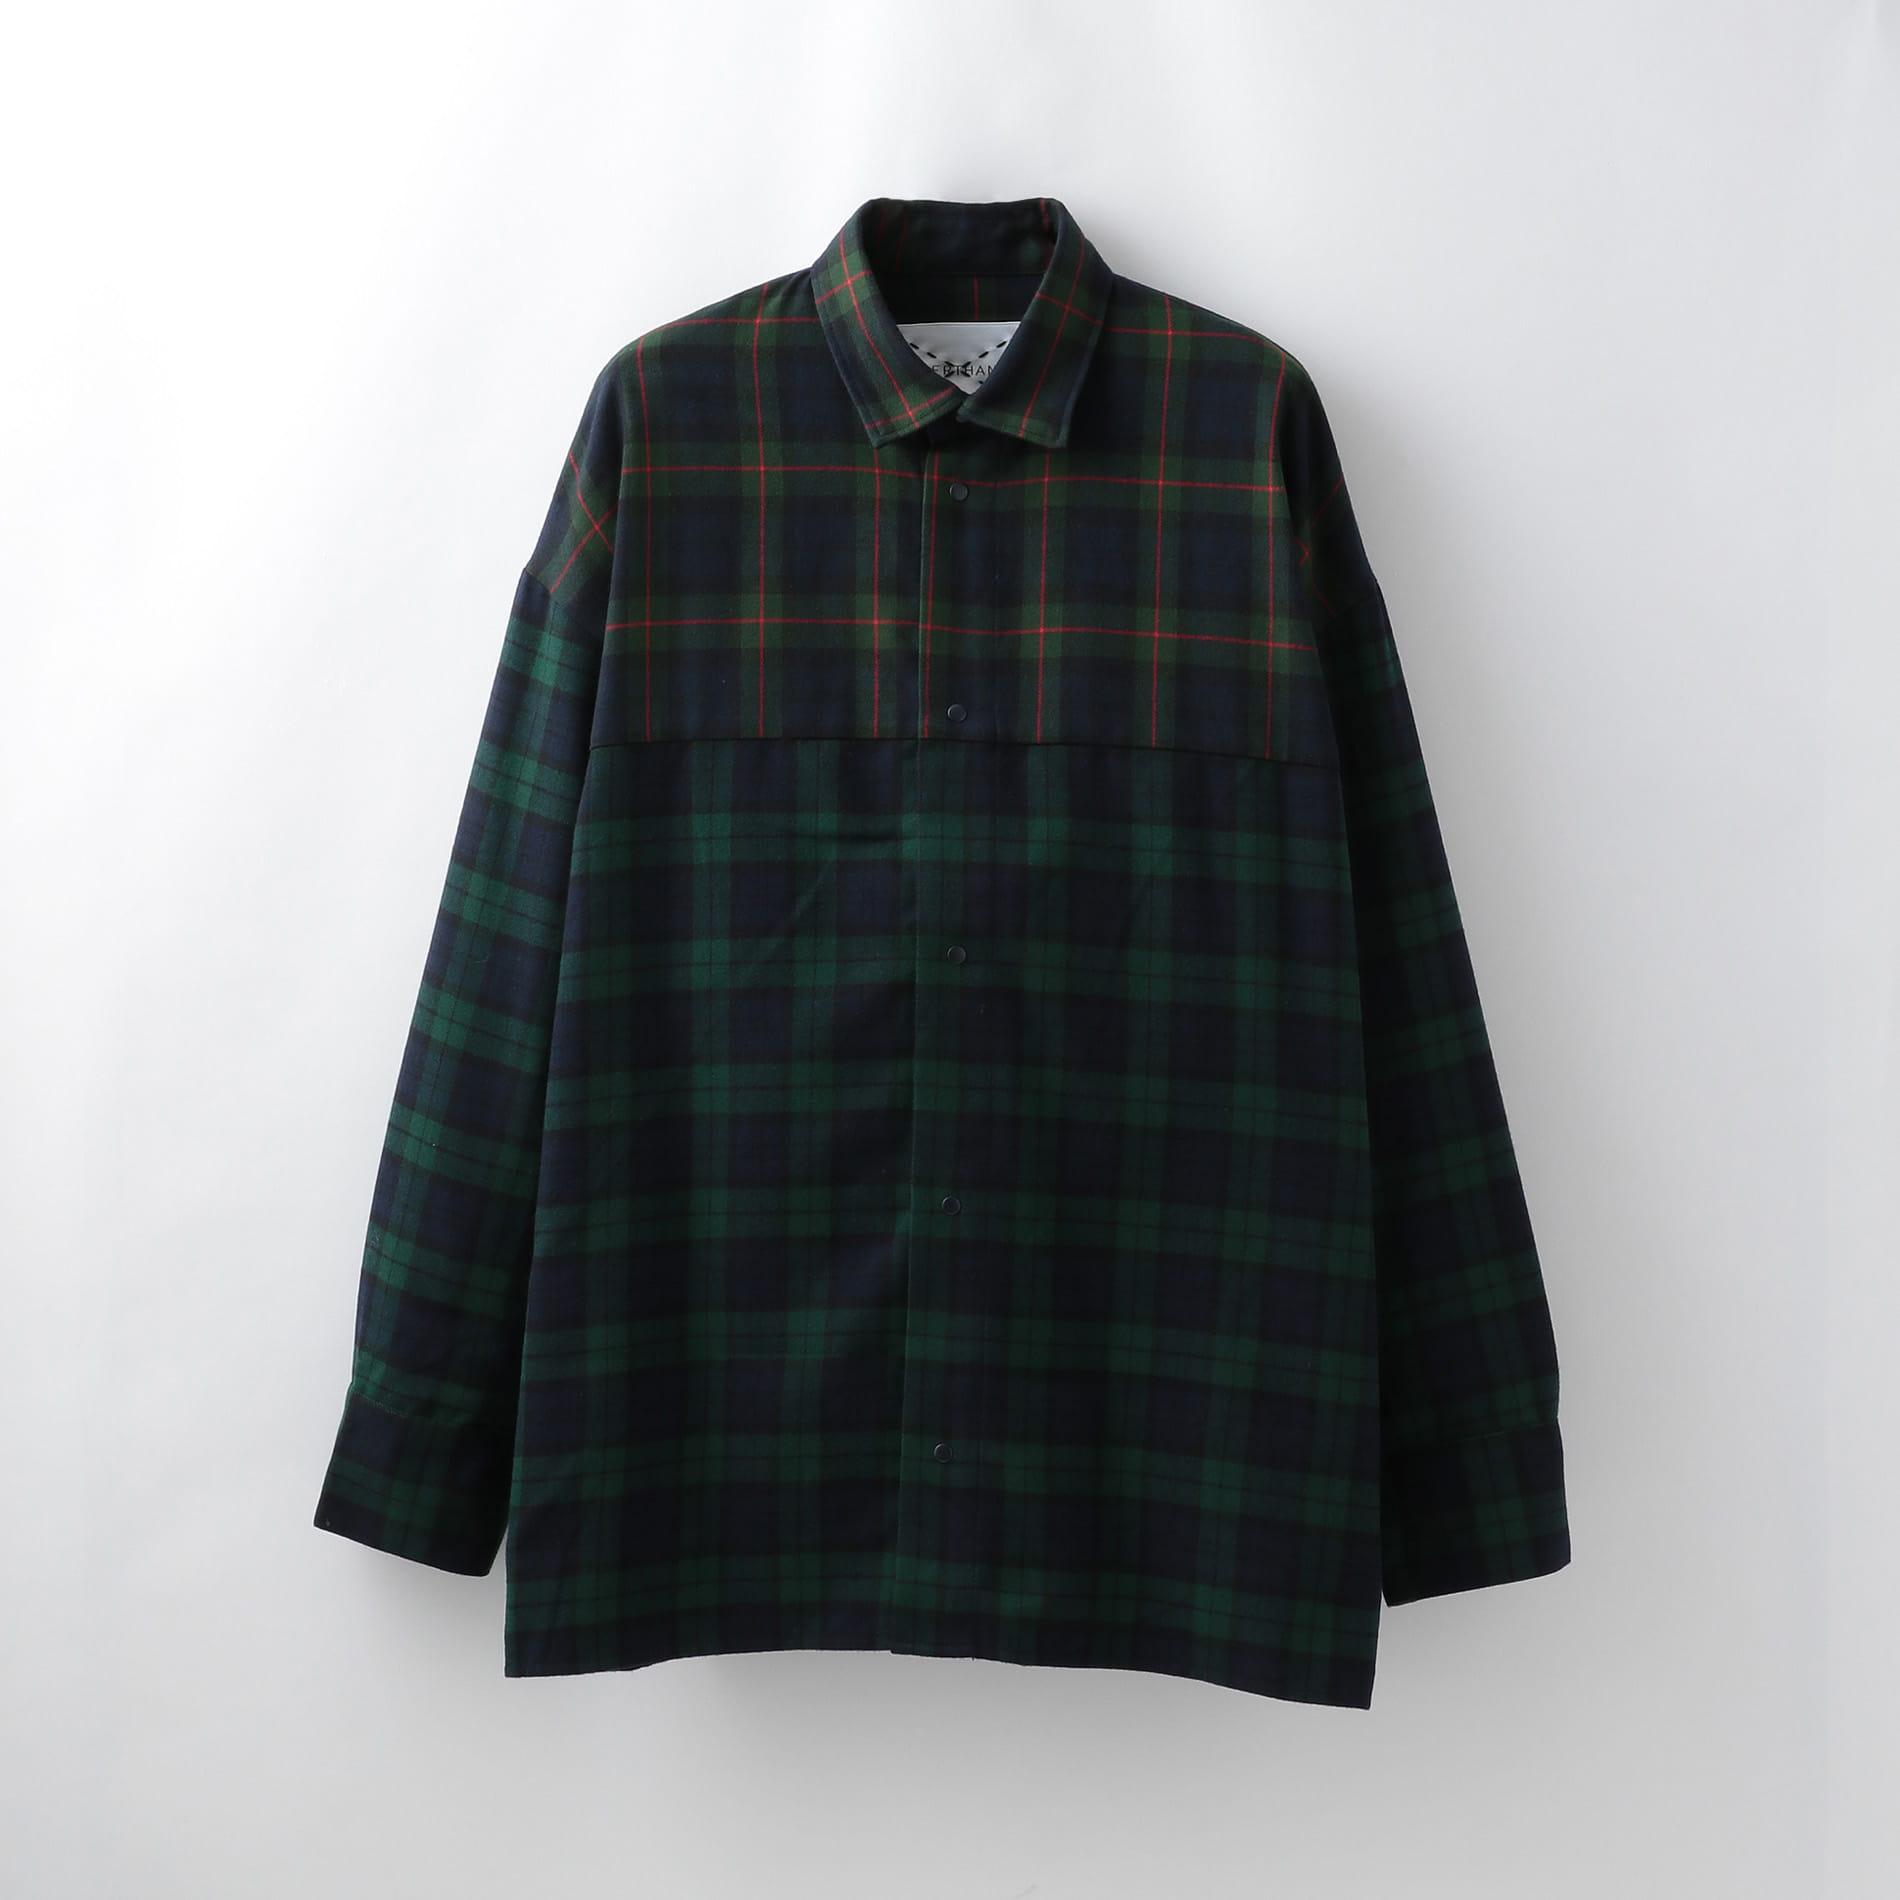 【SUPERTHANKS】MEN スウィッチング バックオープンシャツ ST193SH001